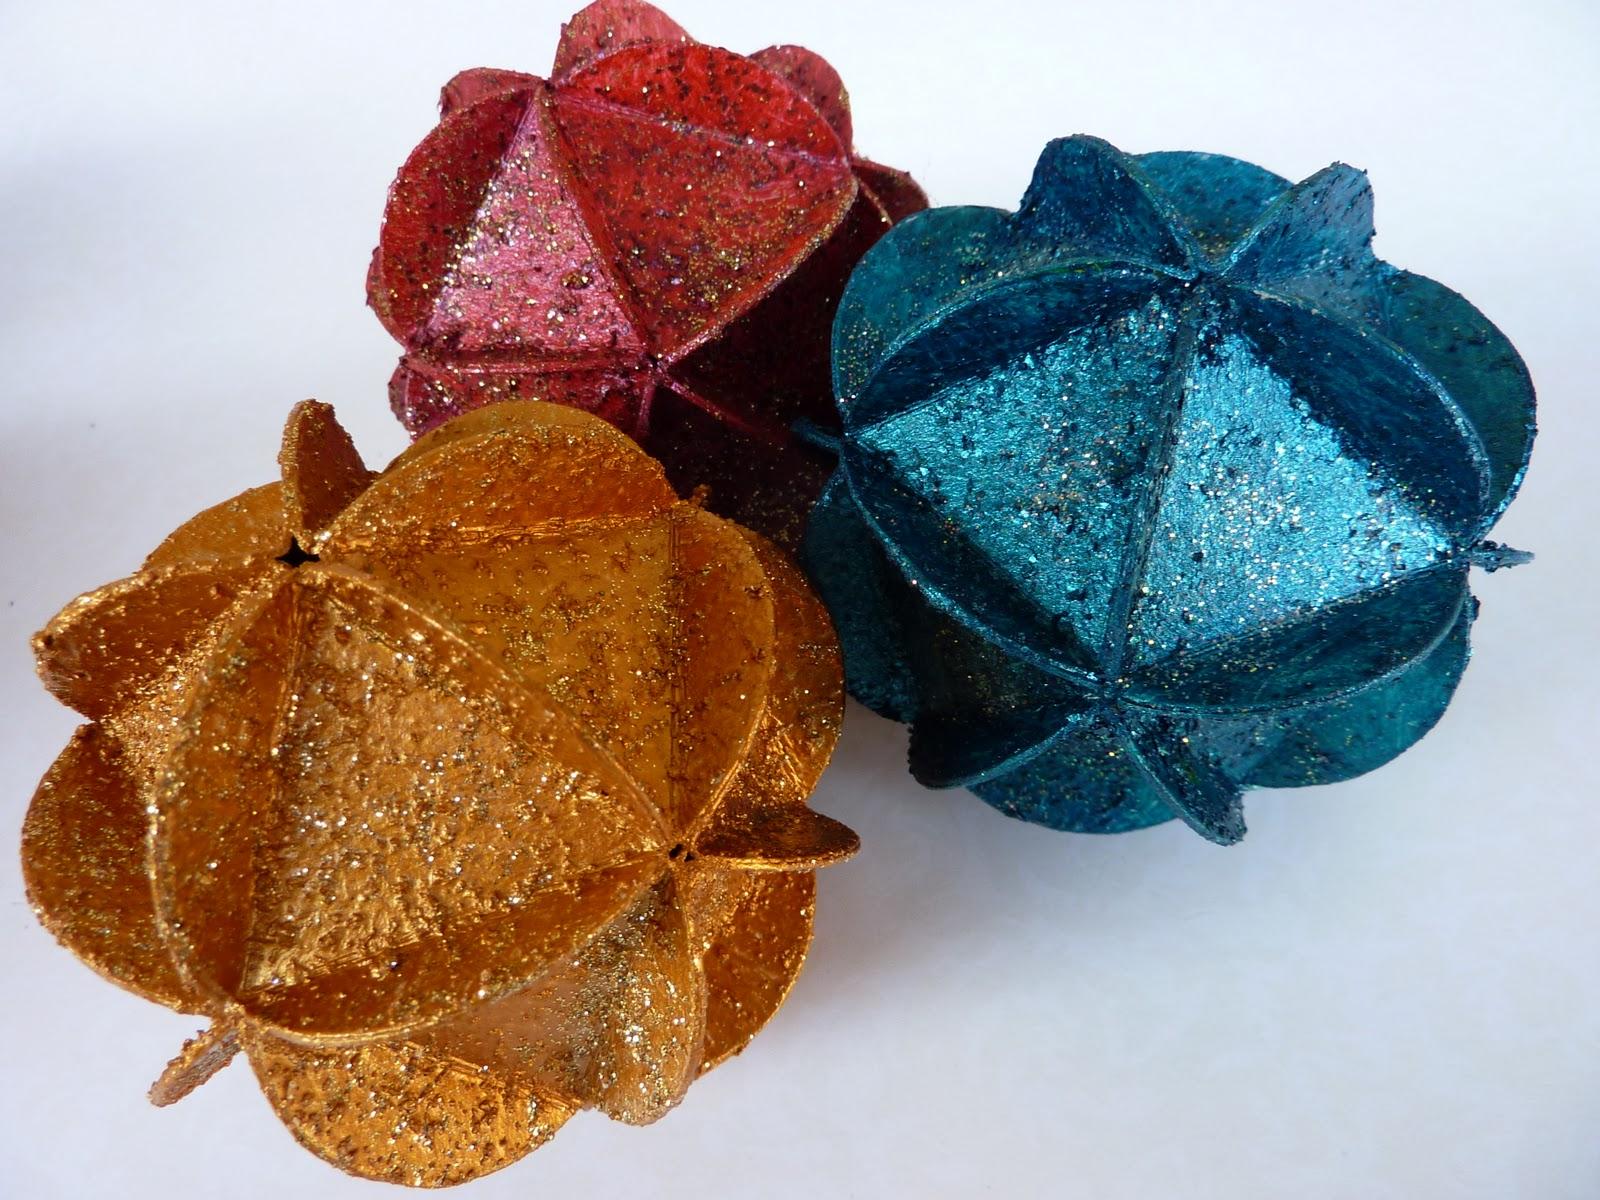 Come fare palline di natale di carta riciclata segreti - Palline di natale fatte in casa ...